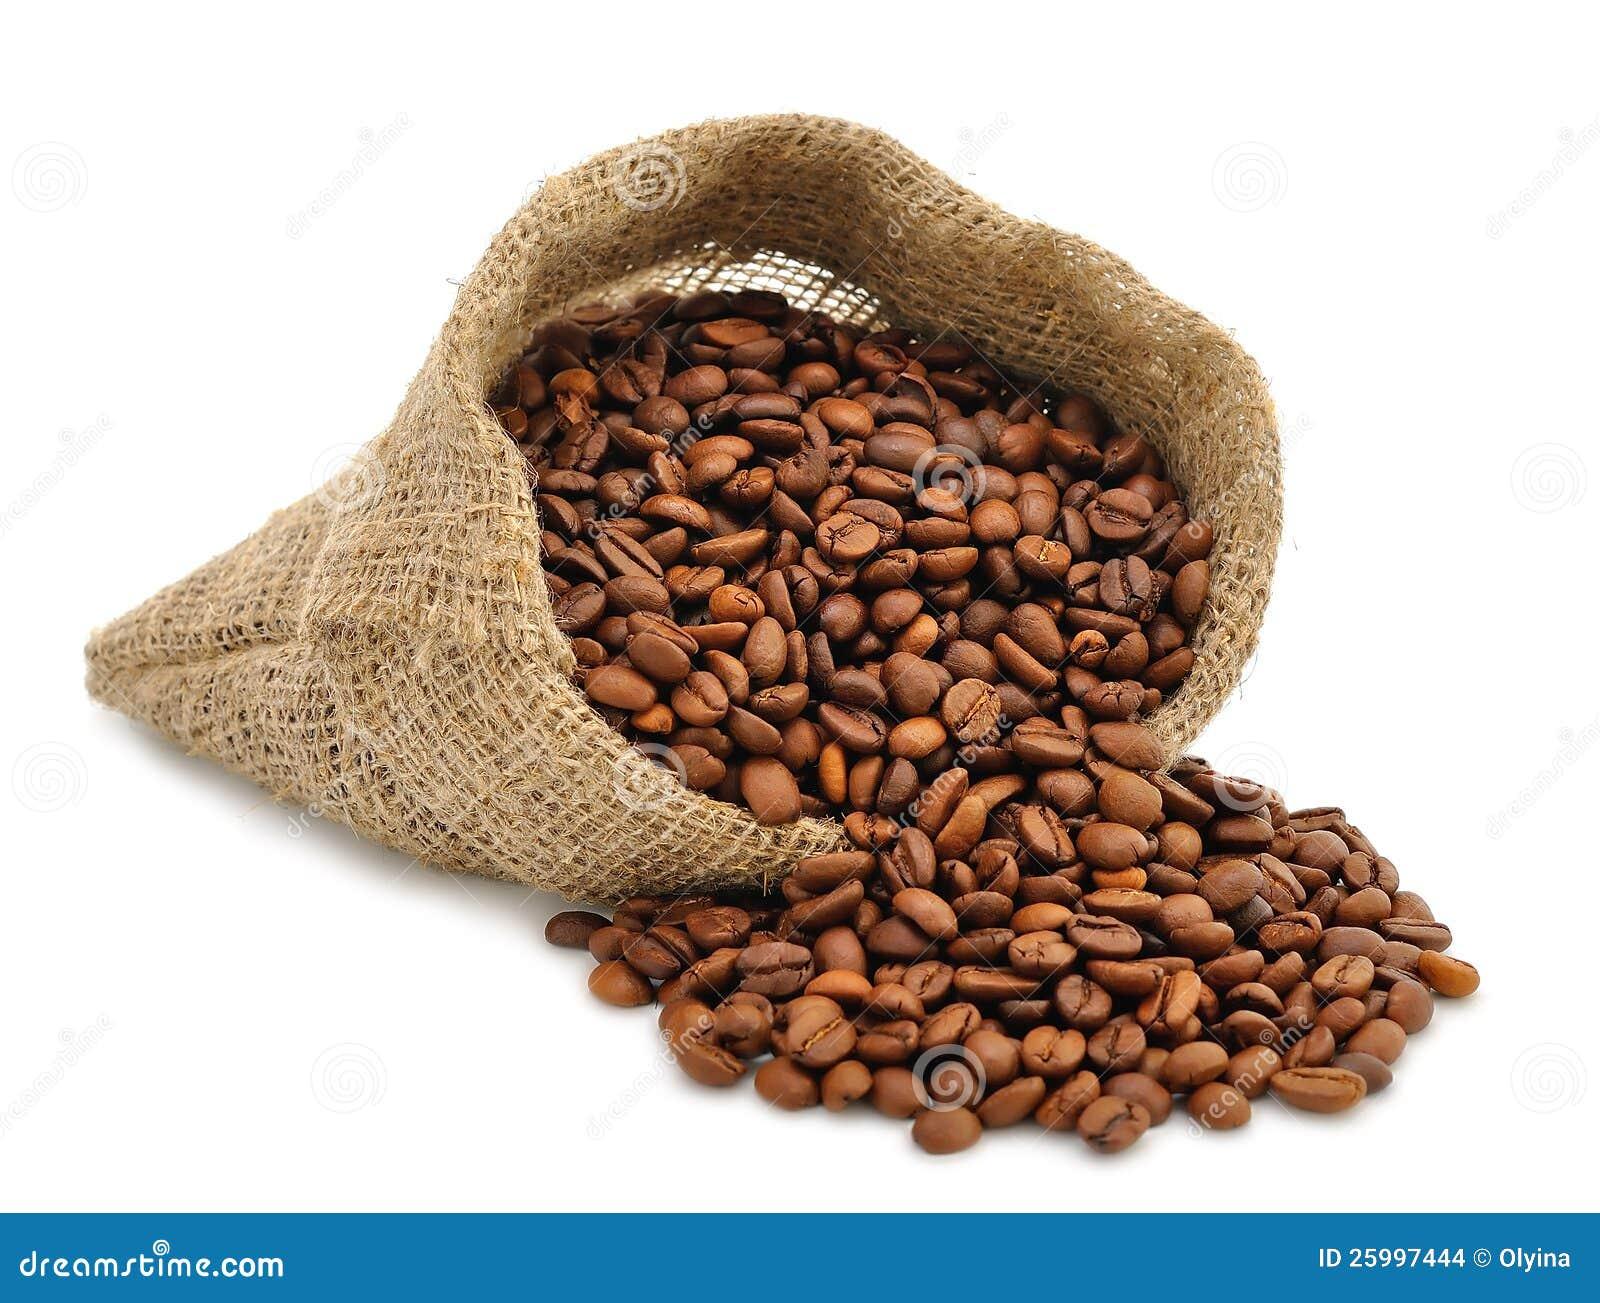 Extrêmement Grains De Café Dans Un Sac Images stock - Image: 25997444 YP21